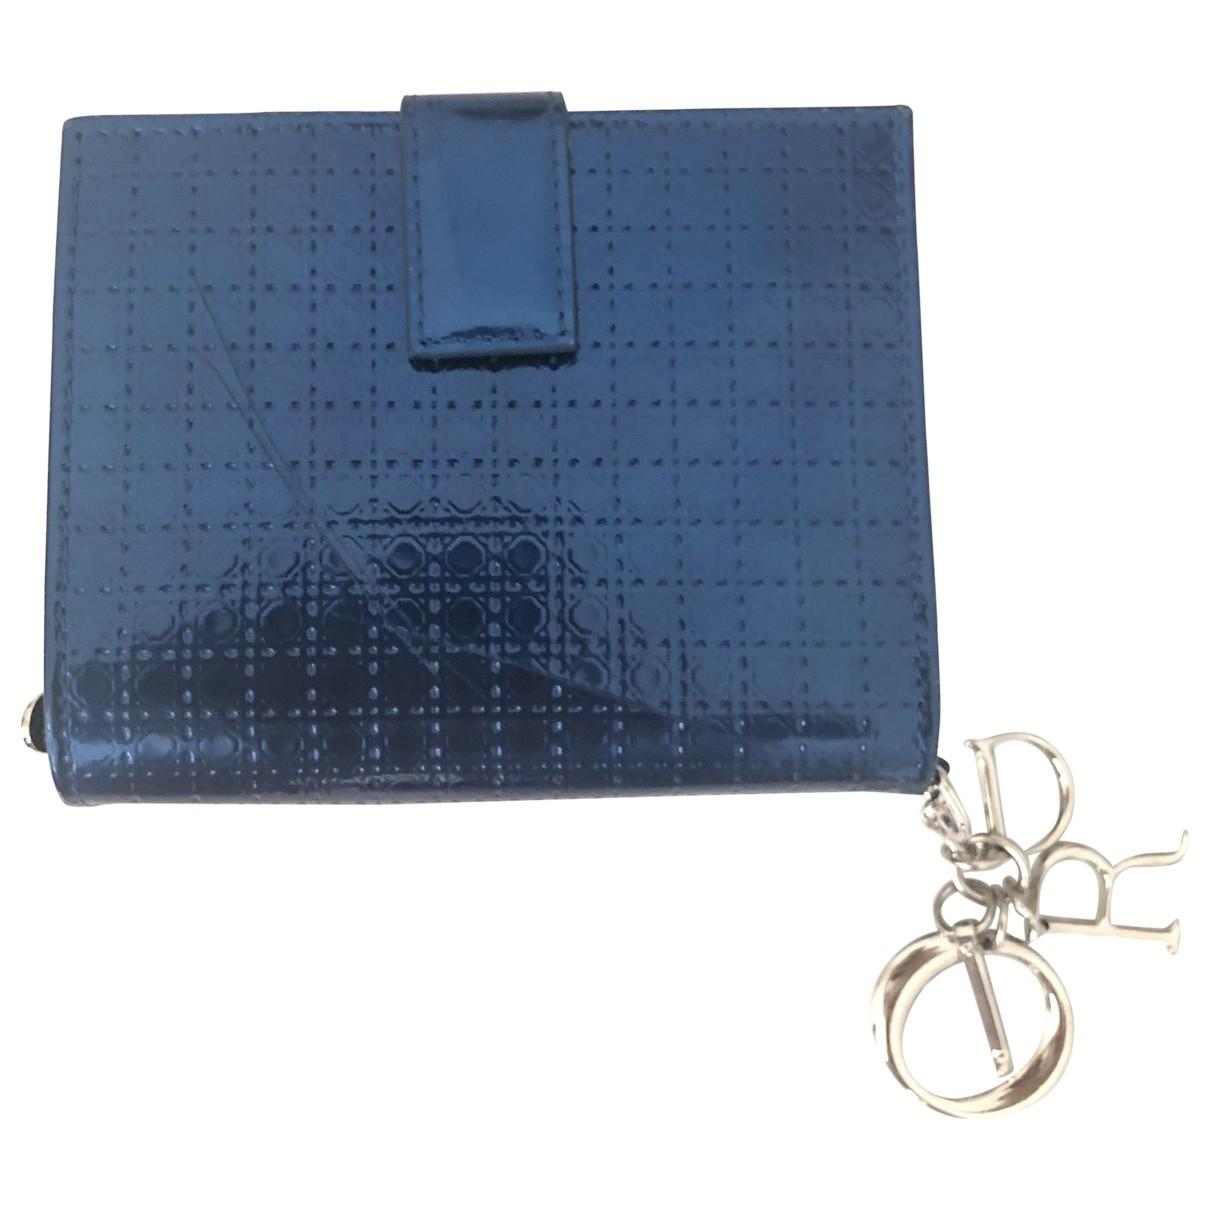 Dior - Portefeuille Lady Dior pour femme en cuir verni - marine